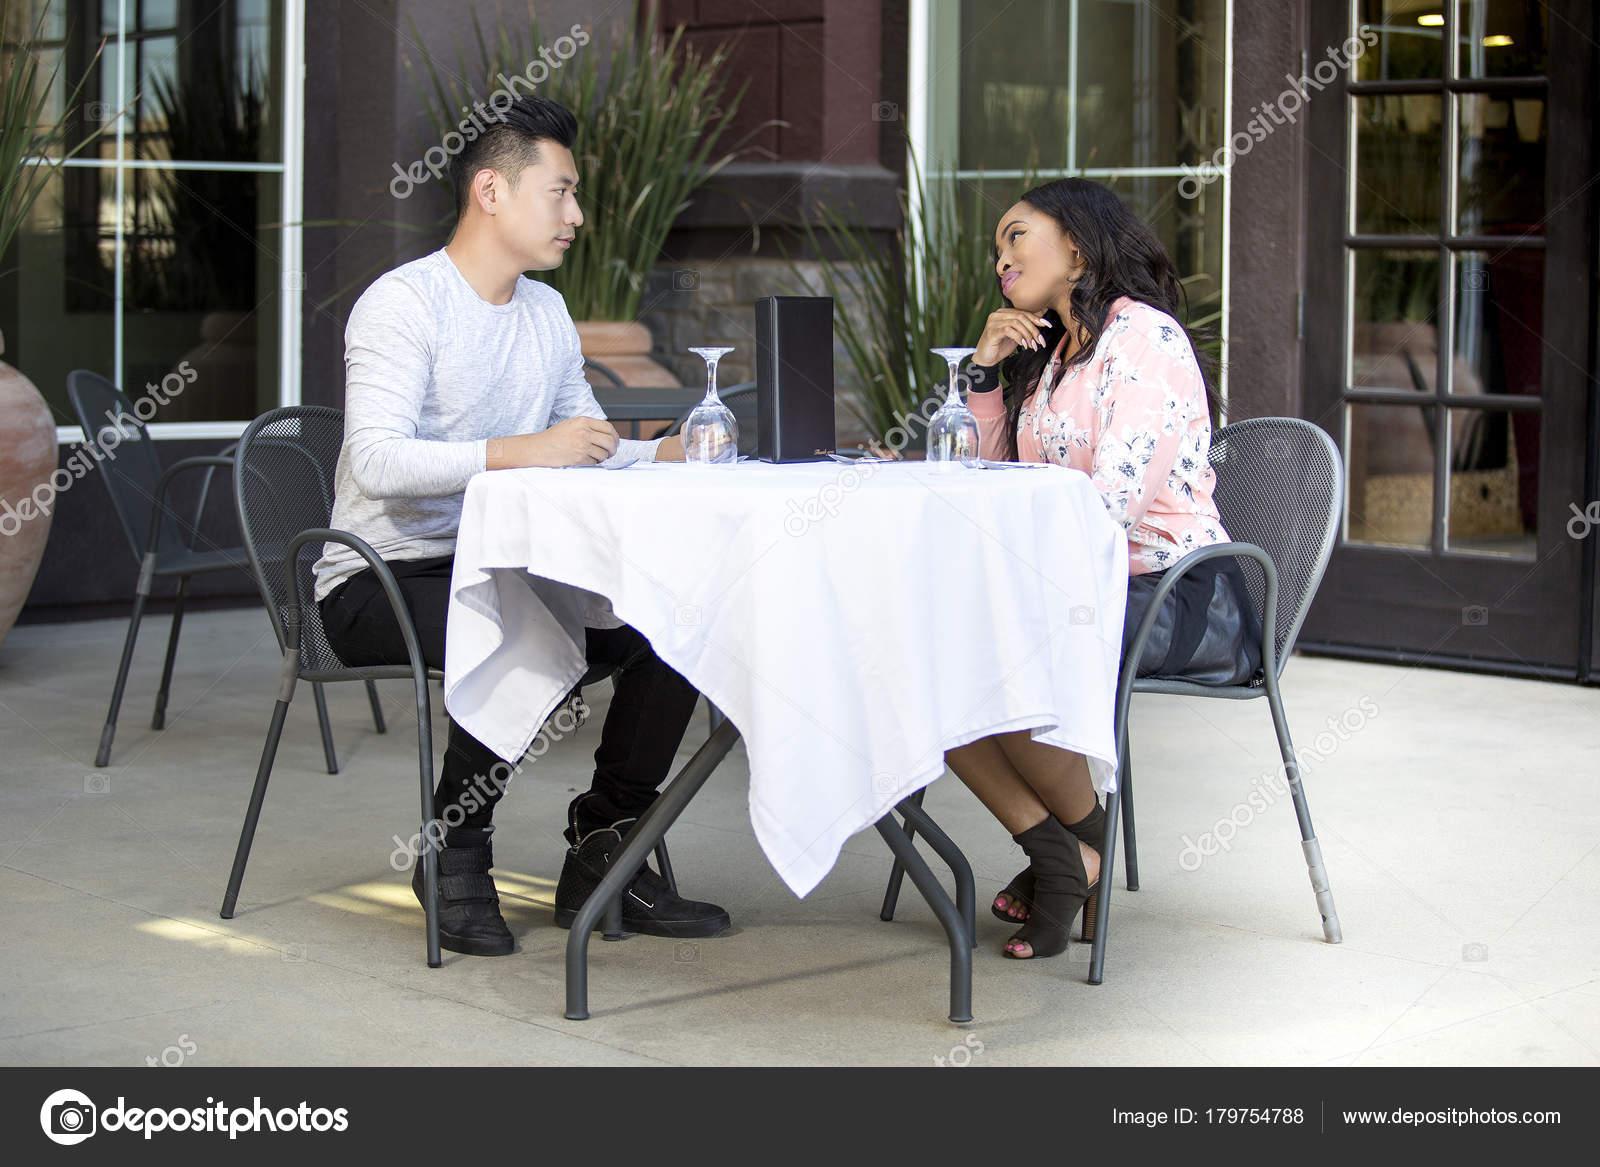 Dating ein asiatischer Kerl Beratung Kostenlose Dating-Seiten eharmony